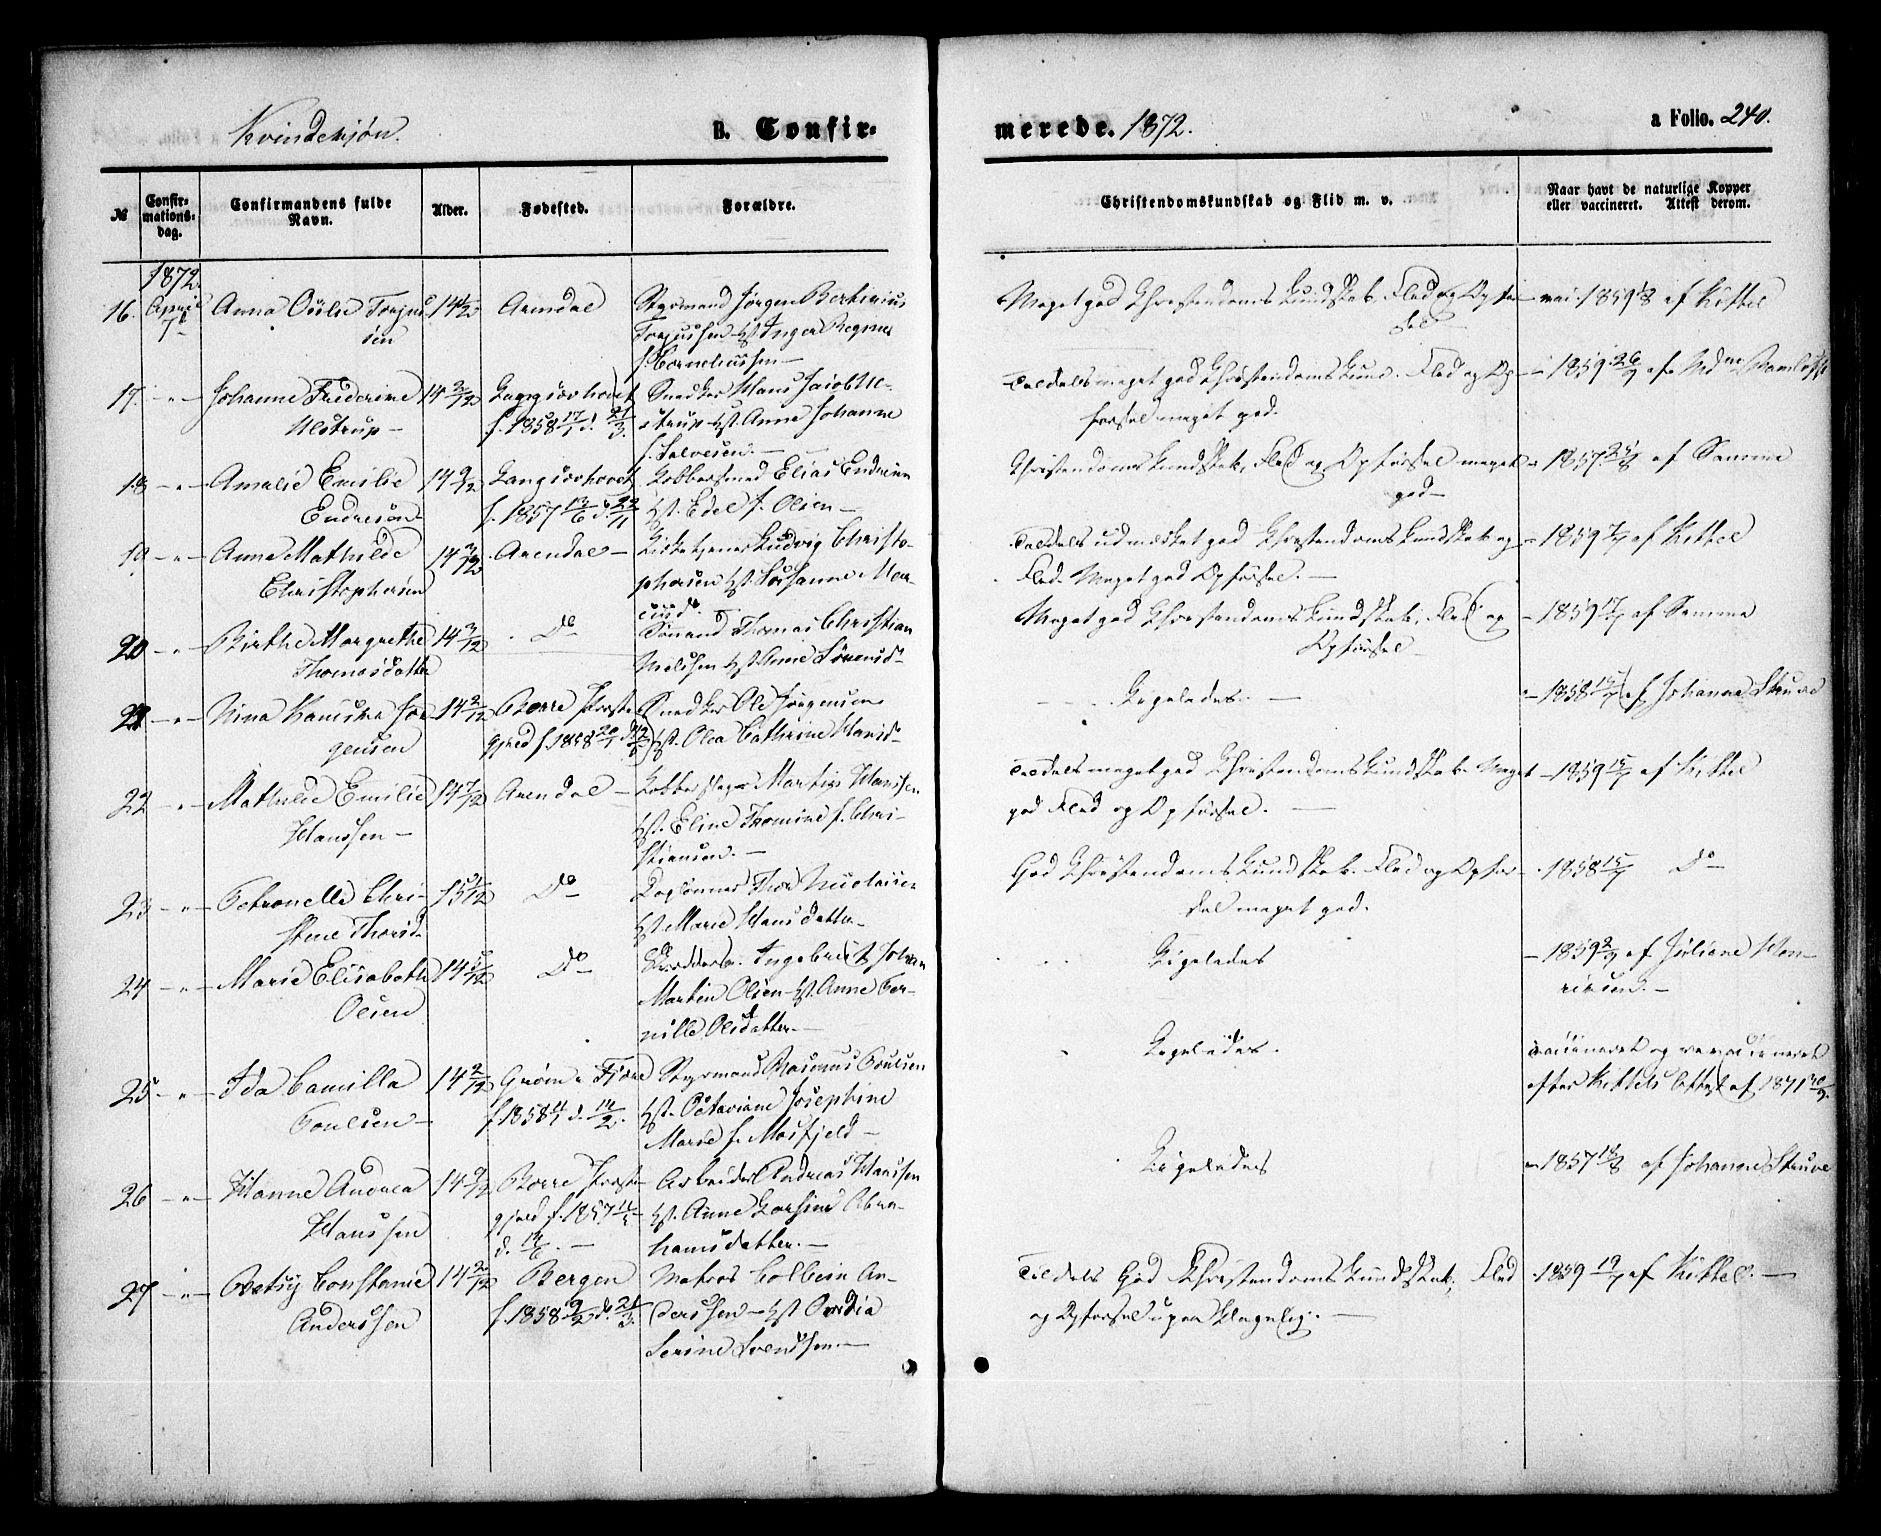 SAK, Arendal sokneprestkontor, Trefoldighet, F/Fa/L0007: Ministerialbok nr. A 7, 1868-1878, s. 240